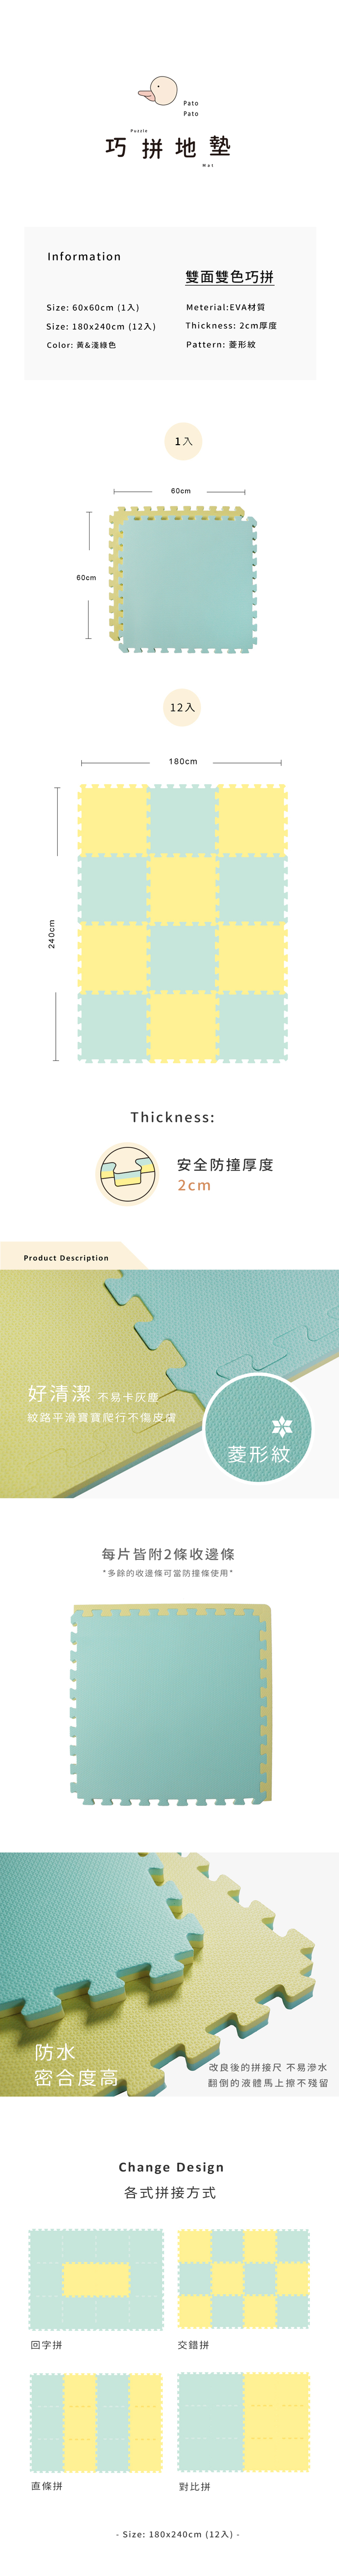 PatoPato 嬰幼兒專用馬卡龍60x60x2cm雙色地墊 - 黃&淺綠-箱購12片裝